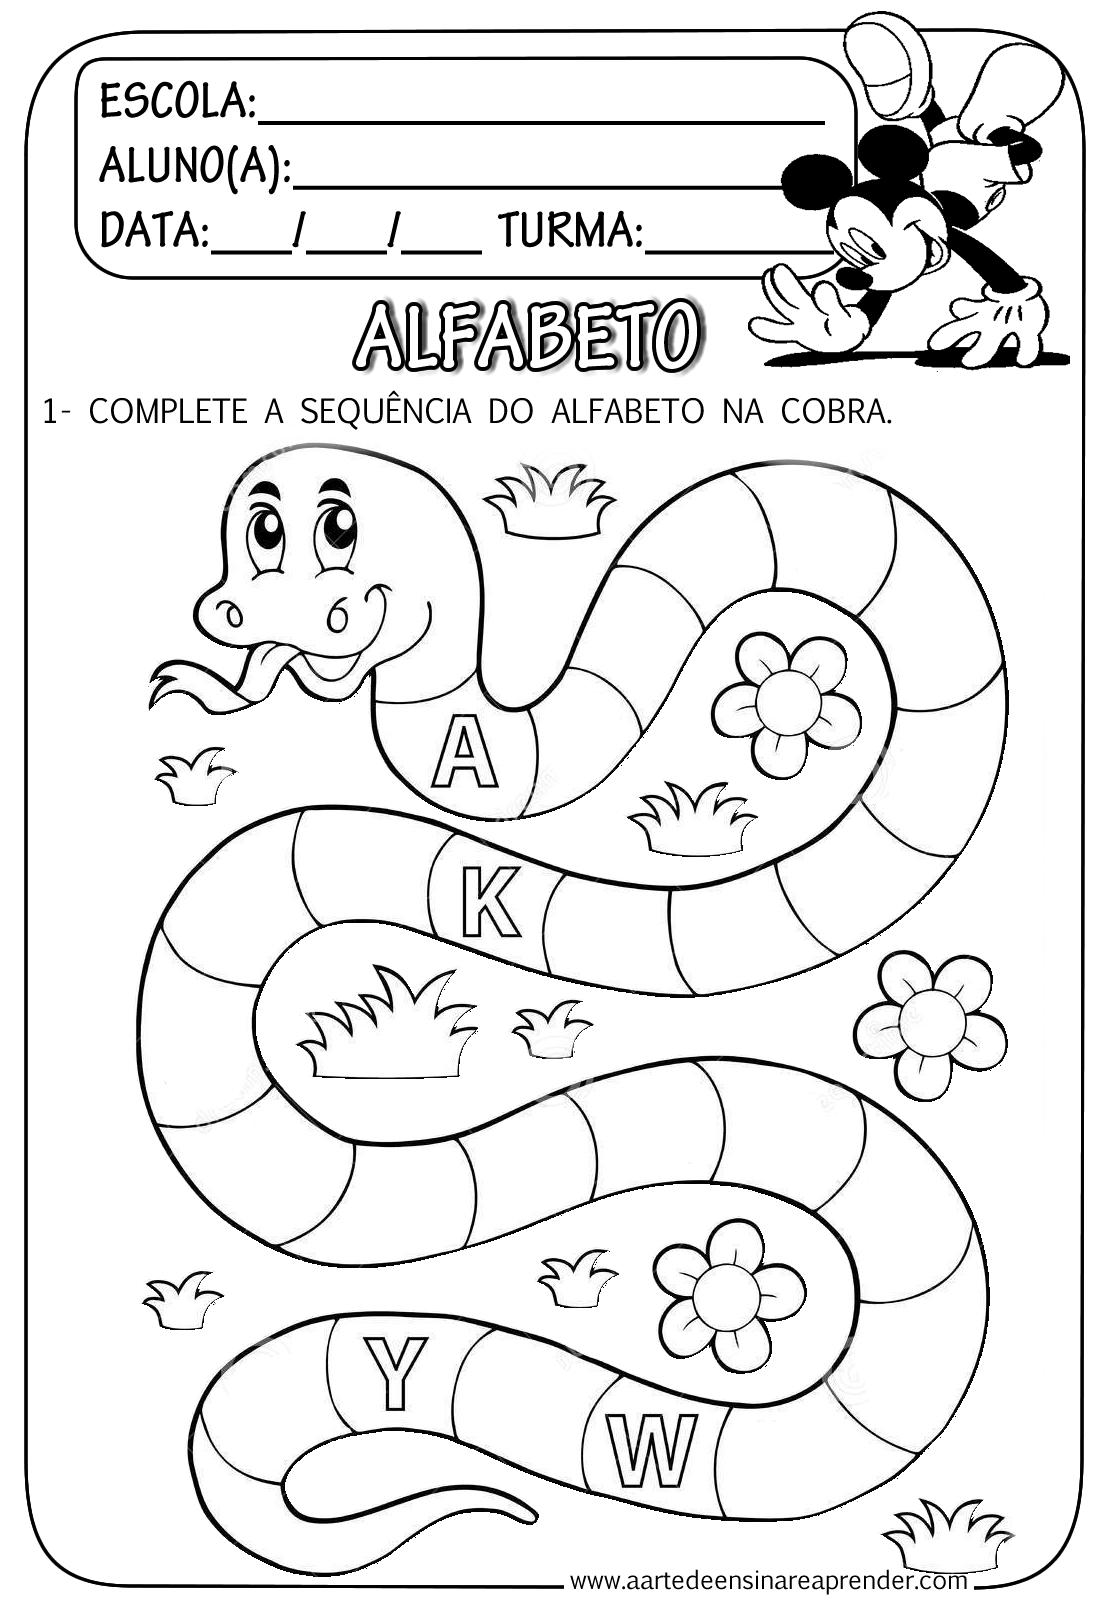 Famosos Atividades de Alfabetização para Educação Infantil - Ensino Já IU14